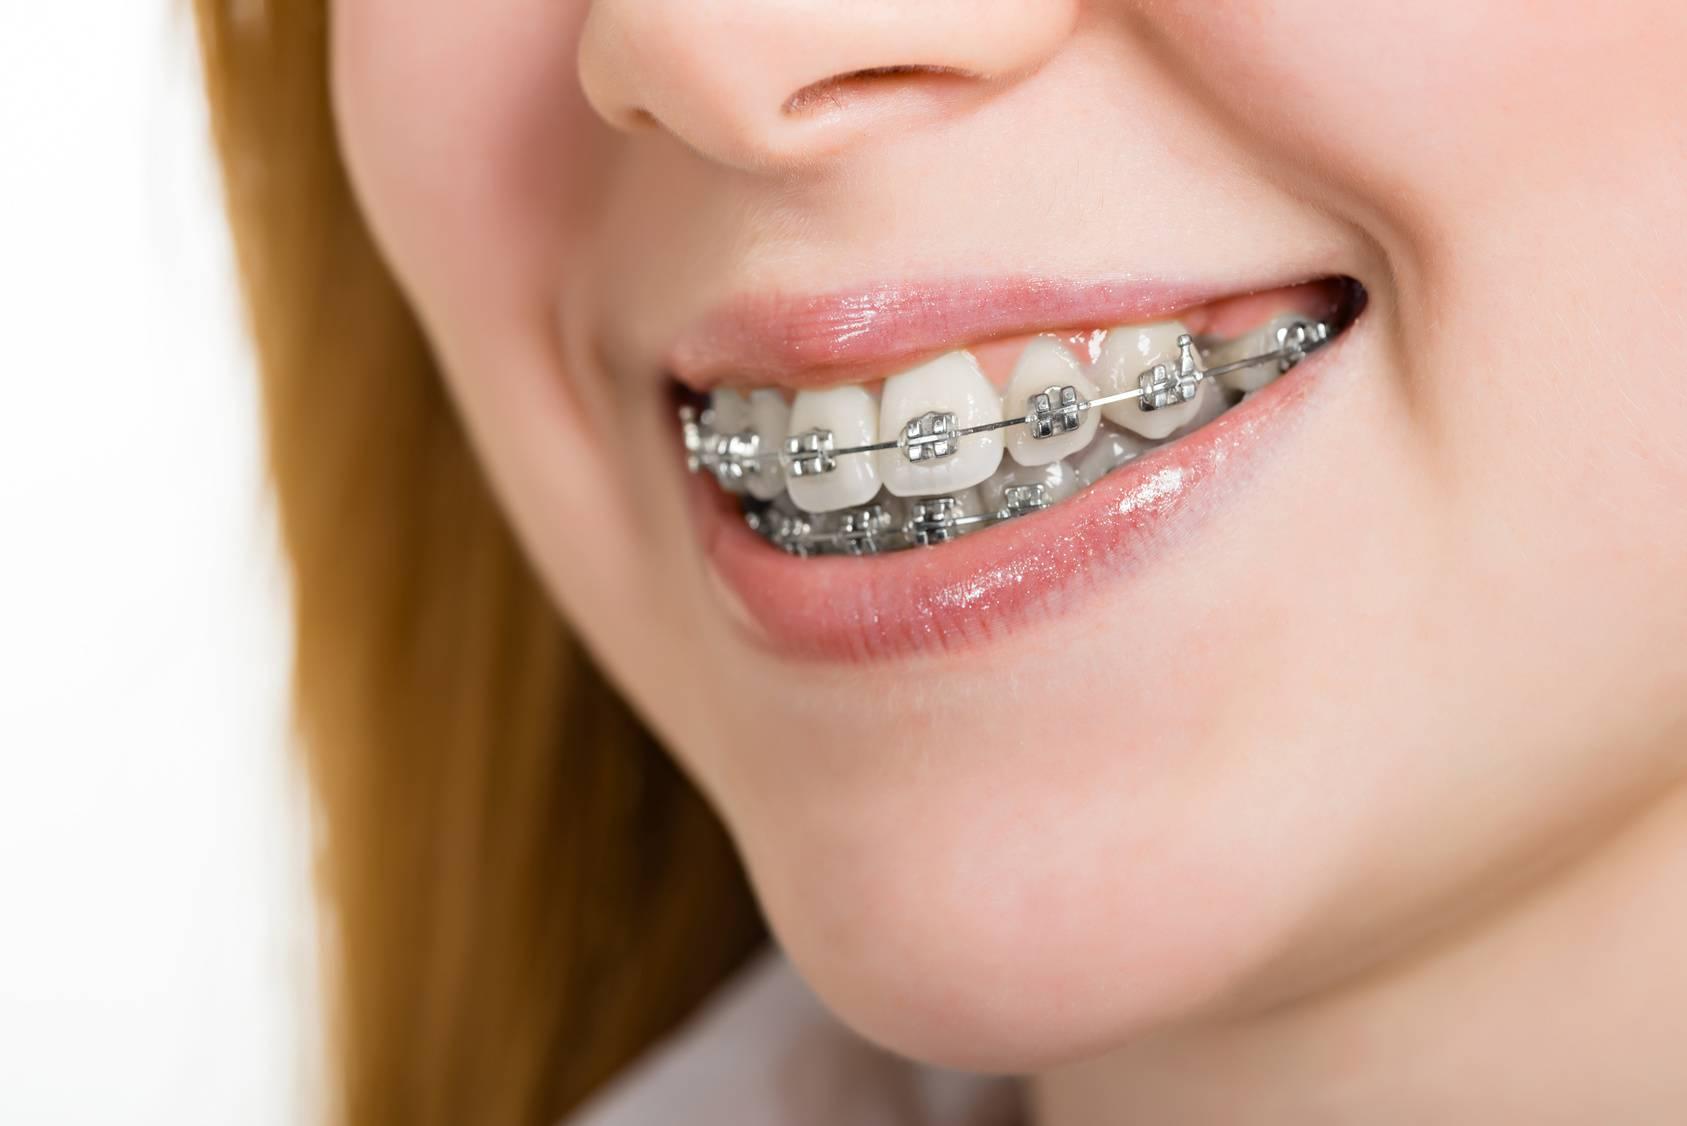 Брекеты на верхнюю челюсть — установка системы на зубы